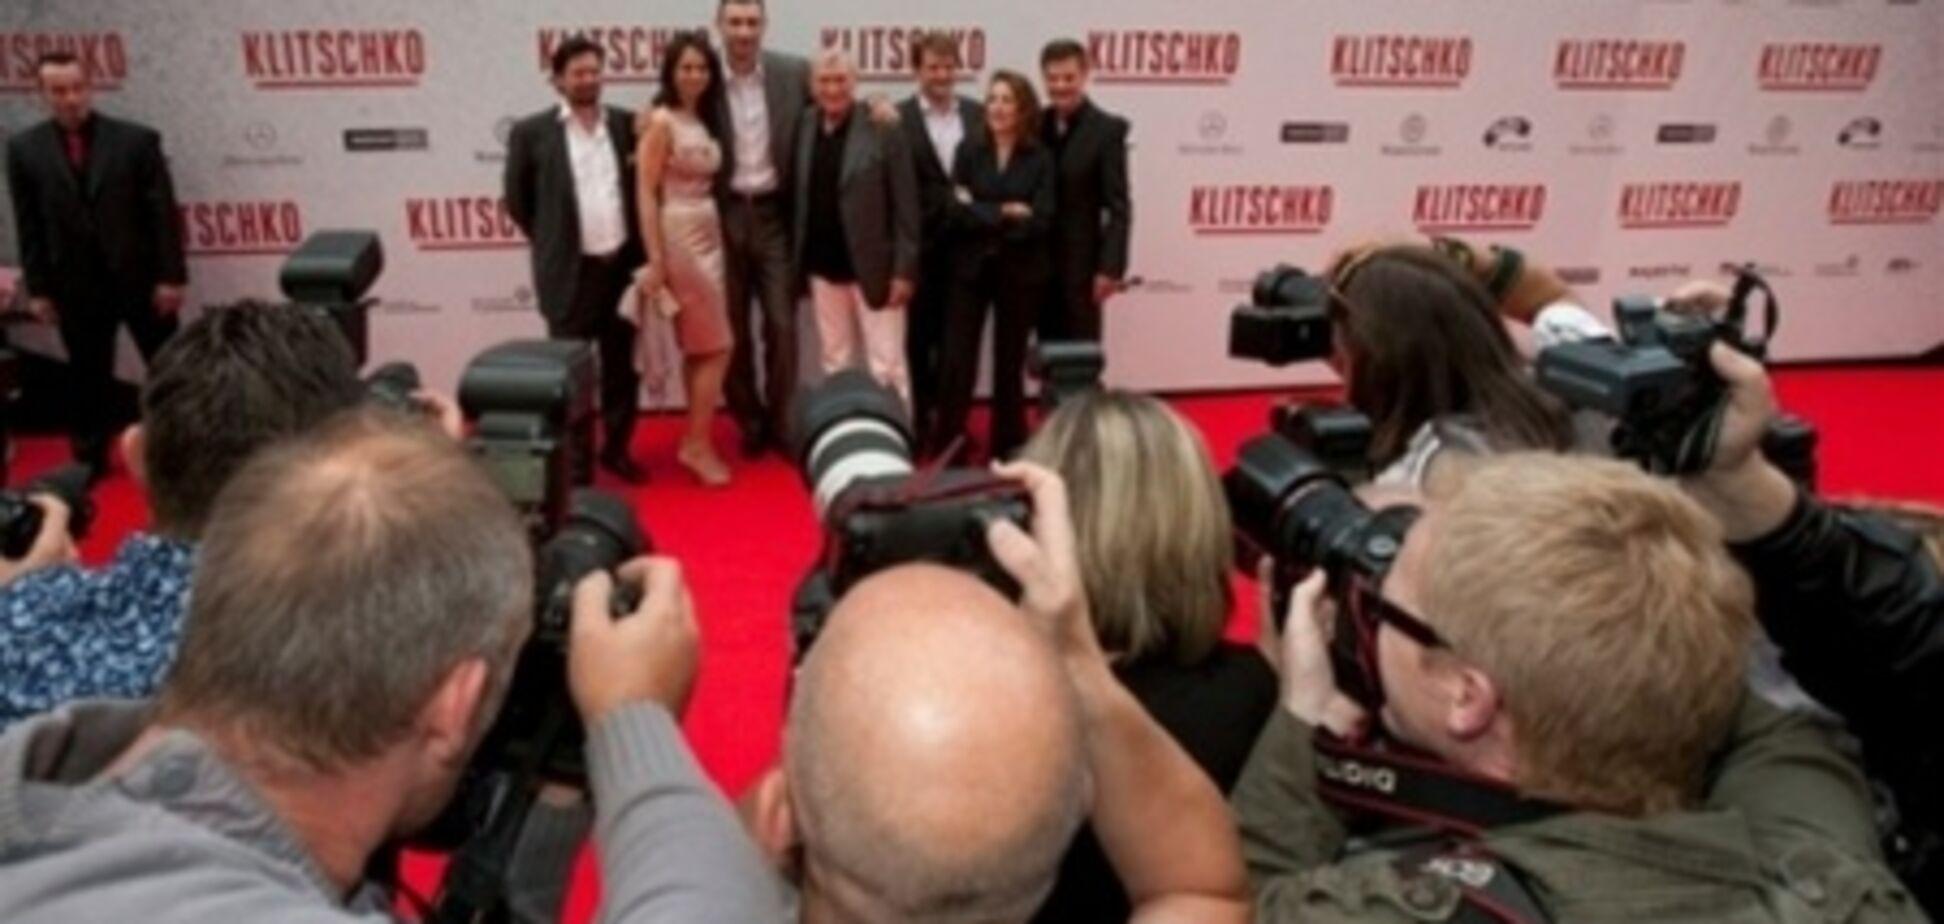 Фільм 'Кличко' порвав Одеський кінофесіваль